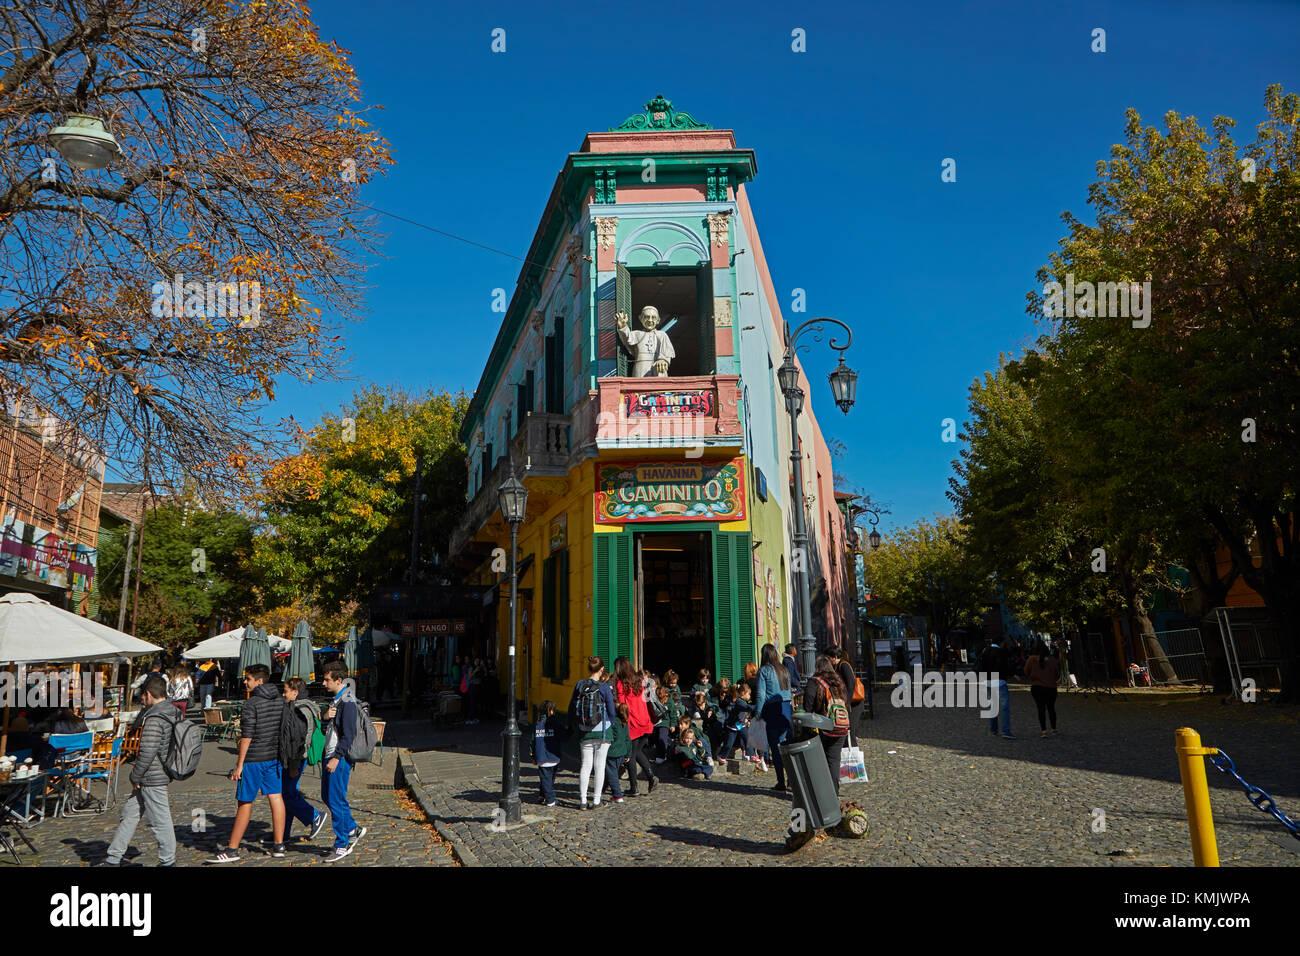 'Papa' en el balcón por el caminito, la boca, buenos aires, argentina, SUDAMÉRICA Imagen De Stock